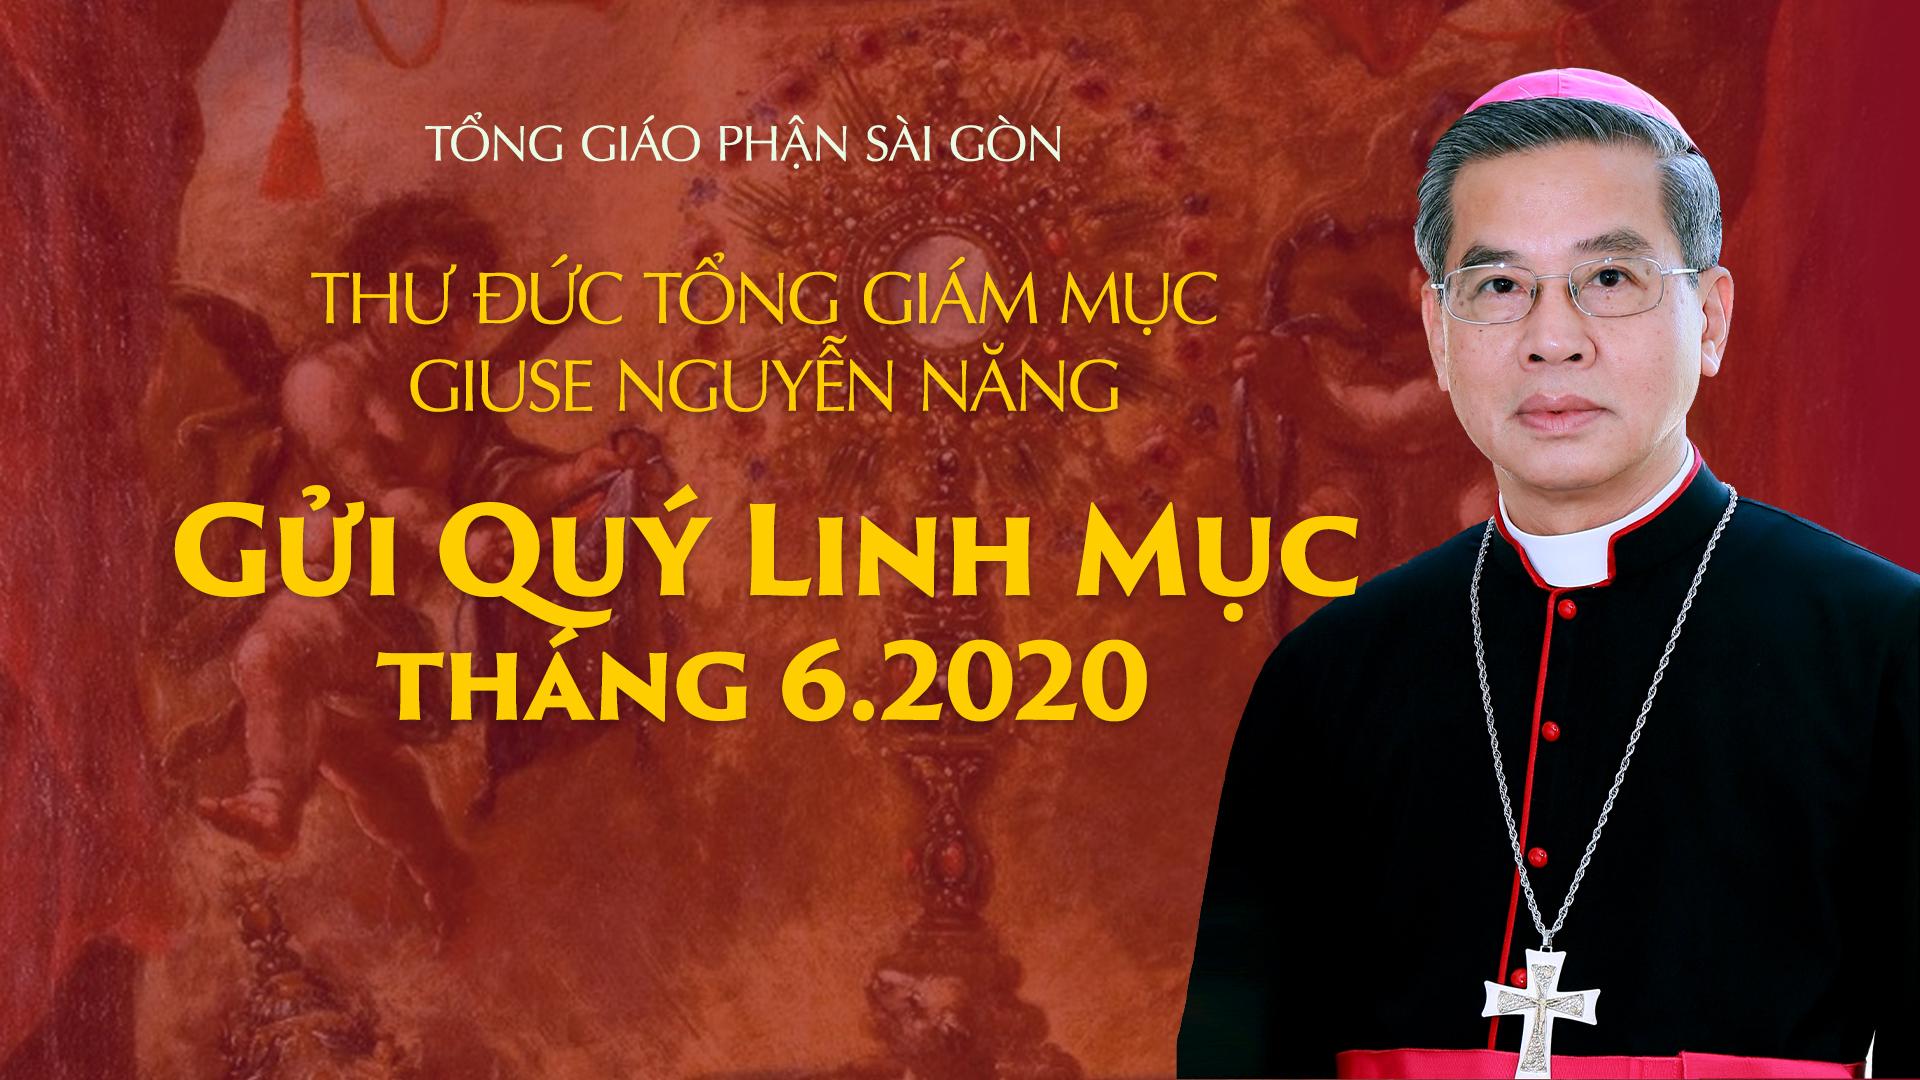 Tòa Tổng Giám mục Sài Gòn: thư gửi quý linh mục tháng 6-2020